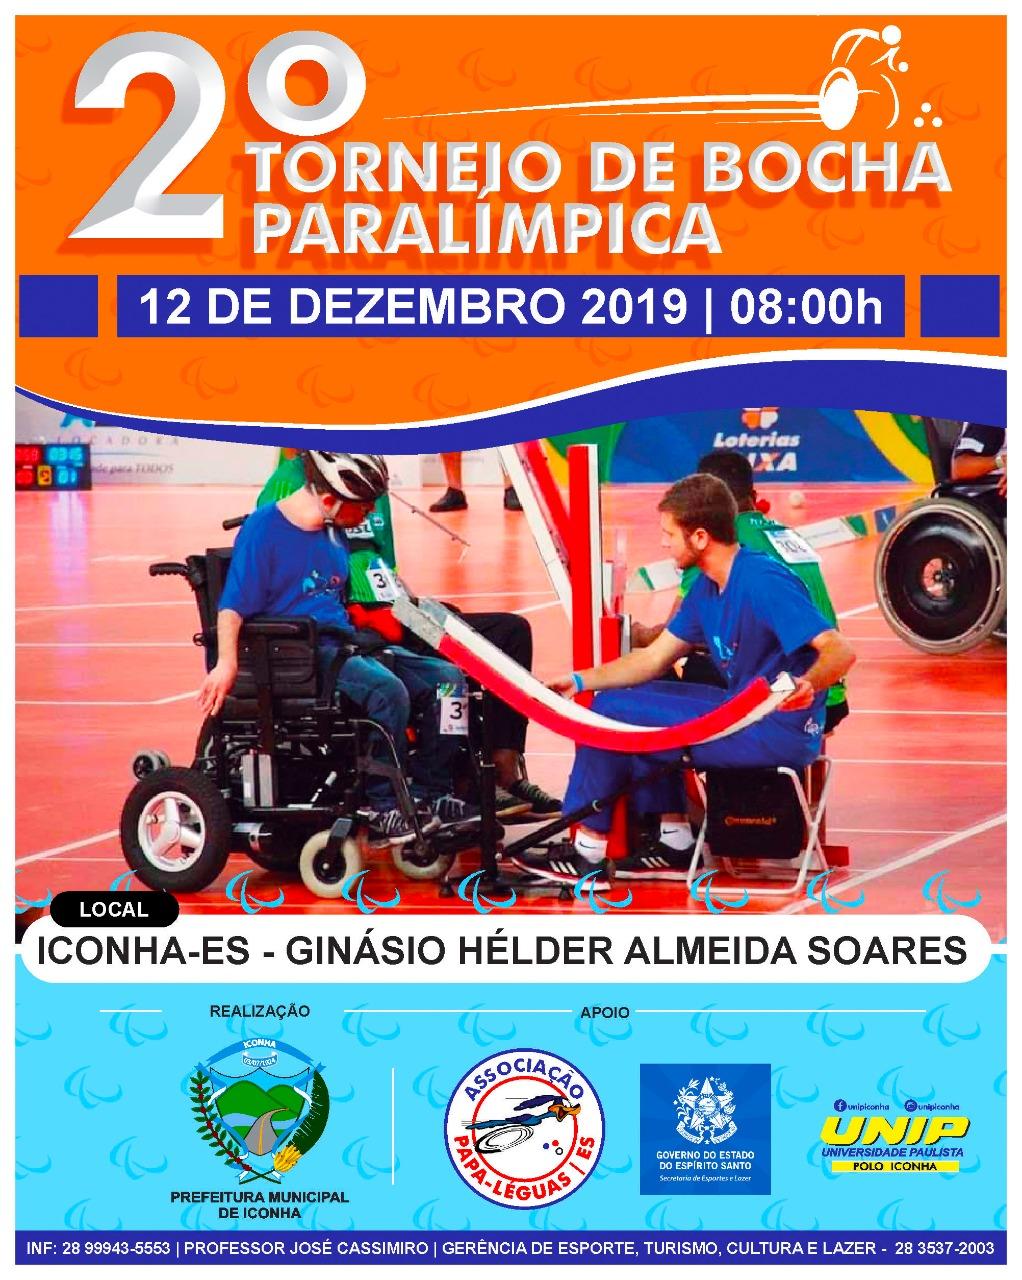 Iconha Sediará 2º Torneio de Bocha Paralímpica